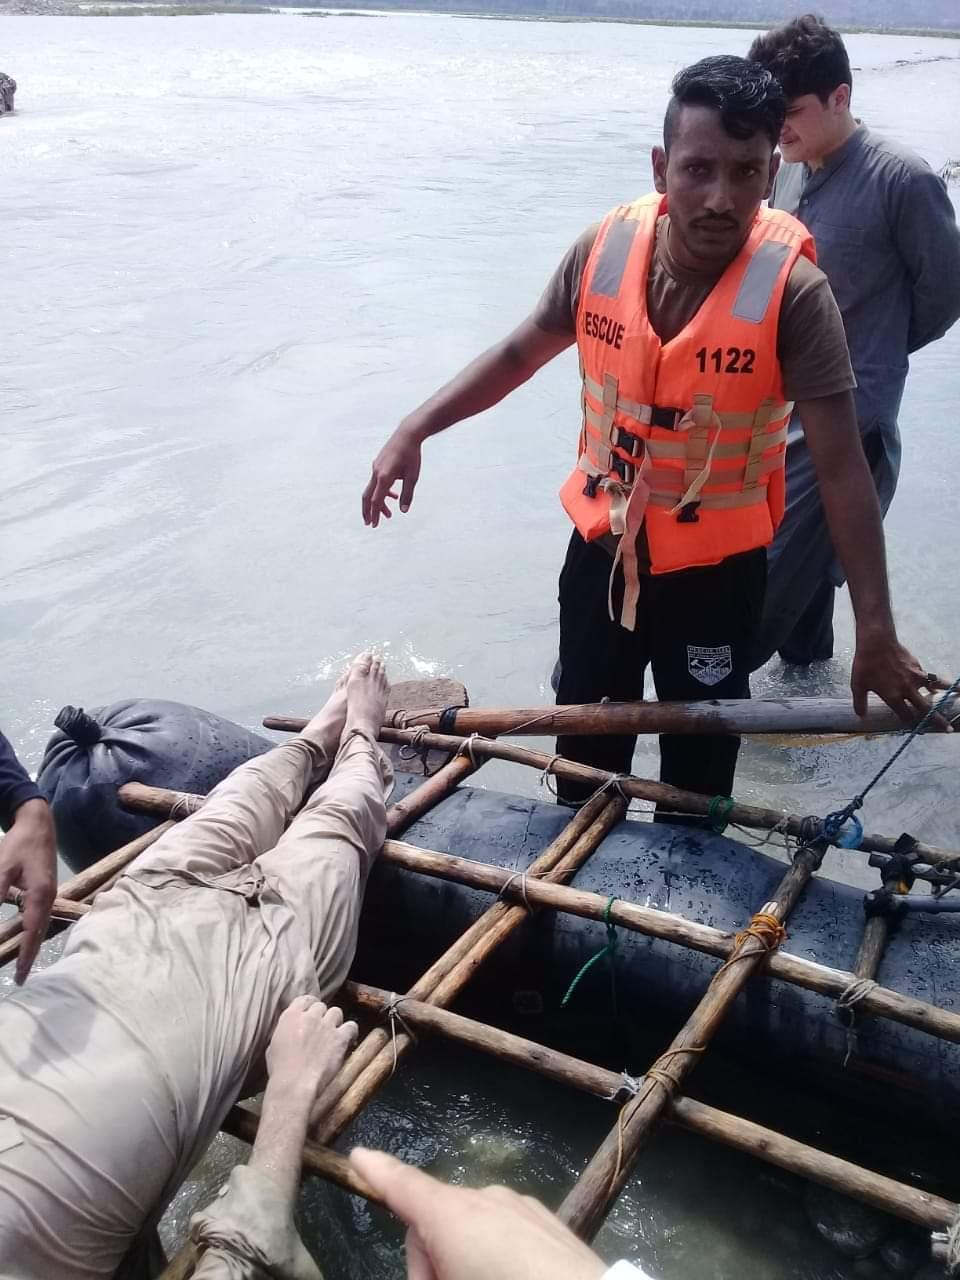 دریاء سوات میں لاپتہ چوتھے نوجوان کی لاش بھی مل گئی ، ریسکیو حکام